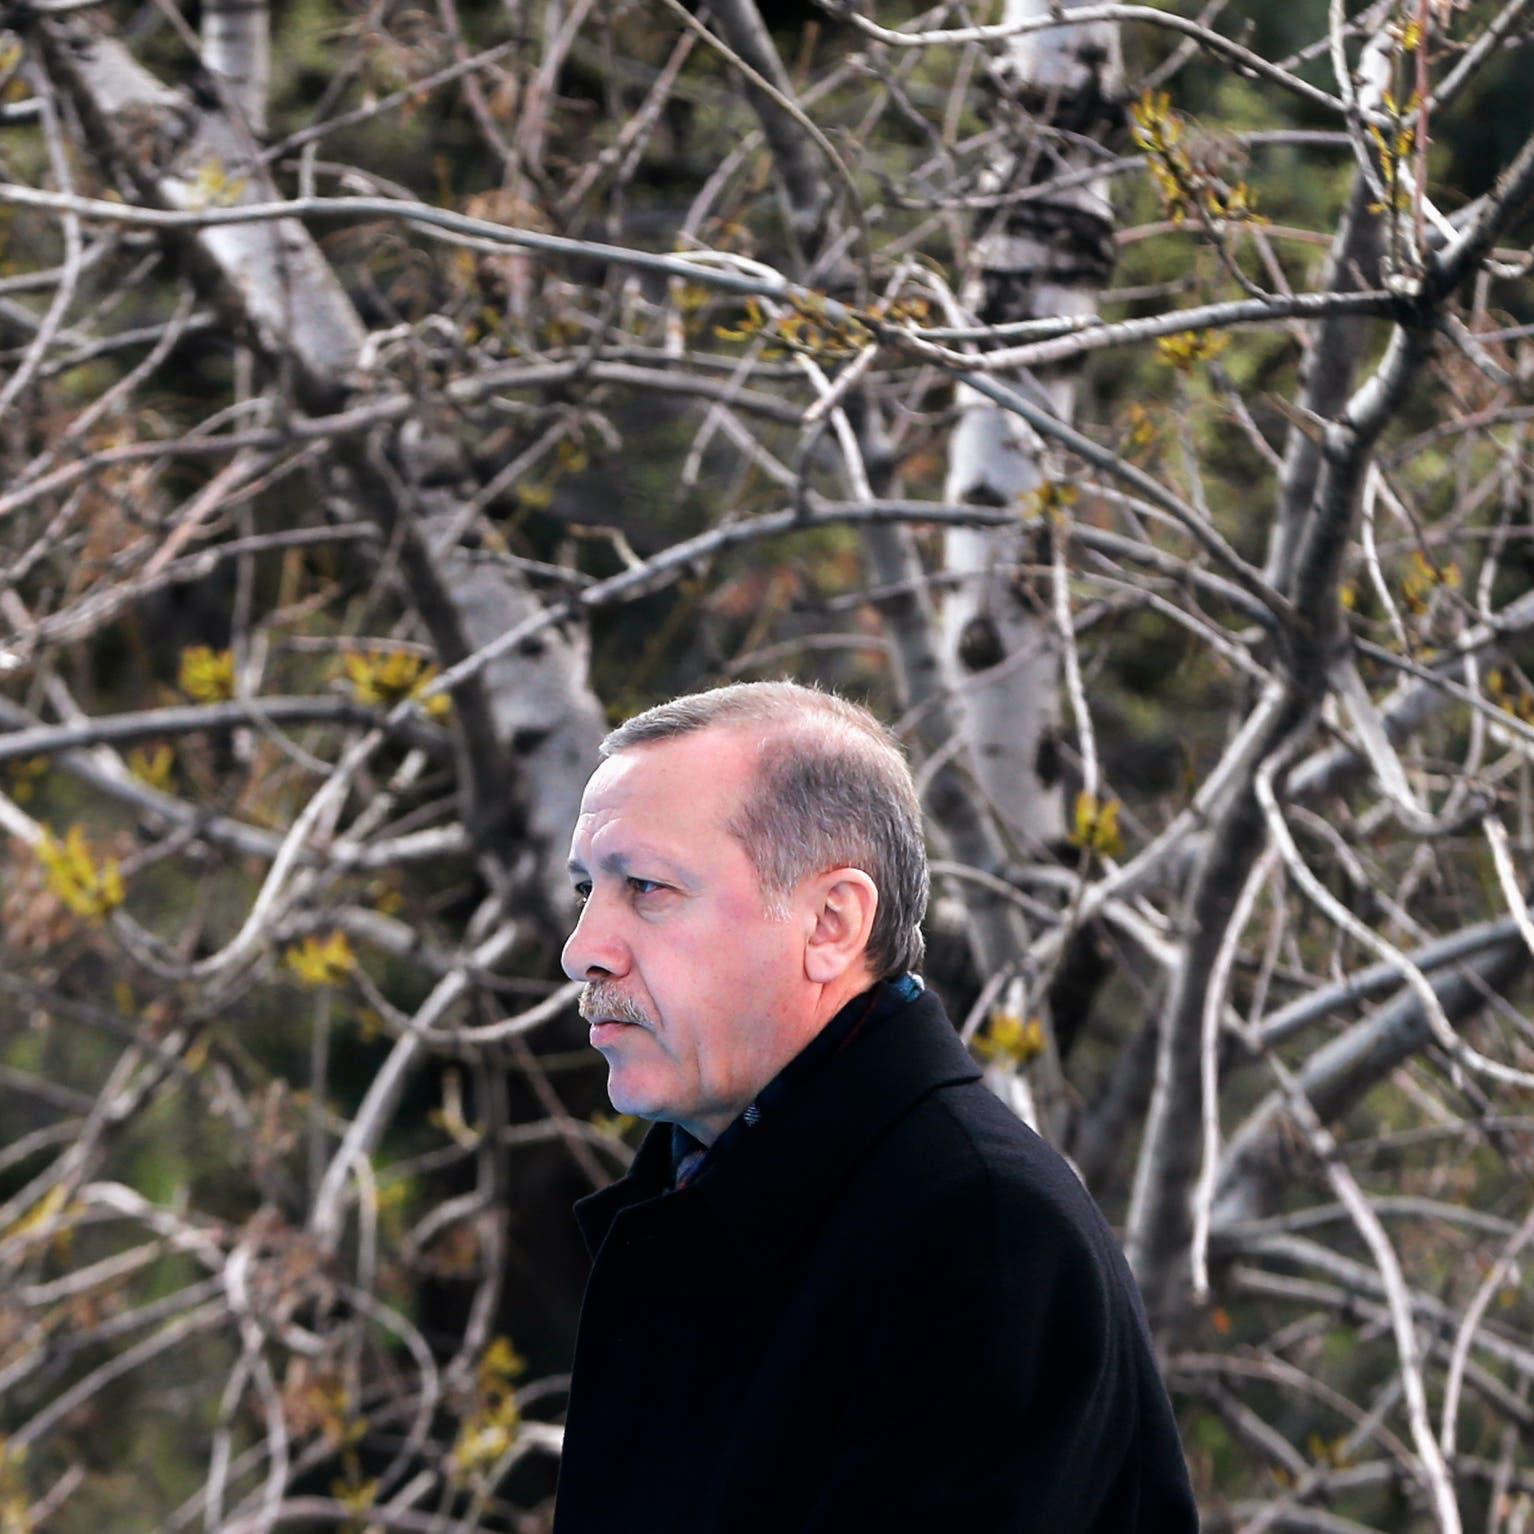 ناشطة حقوقية: الاعتقالات في تركيا تتزايد والحكومة تحجب الأرقام